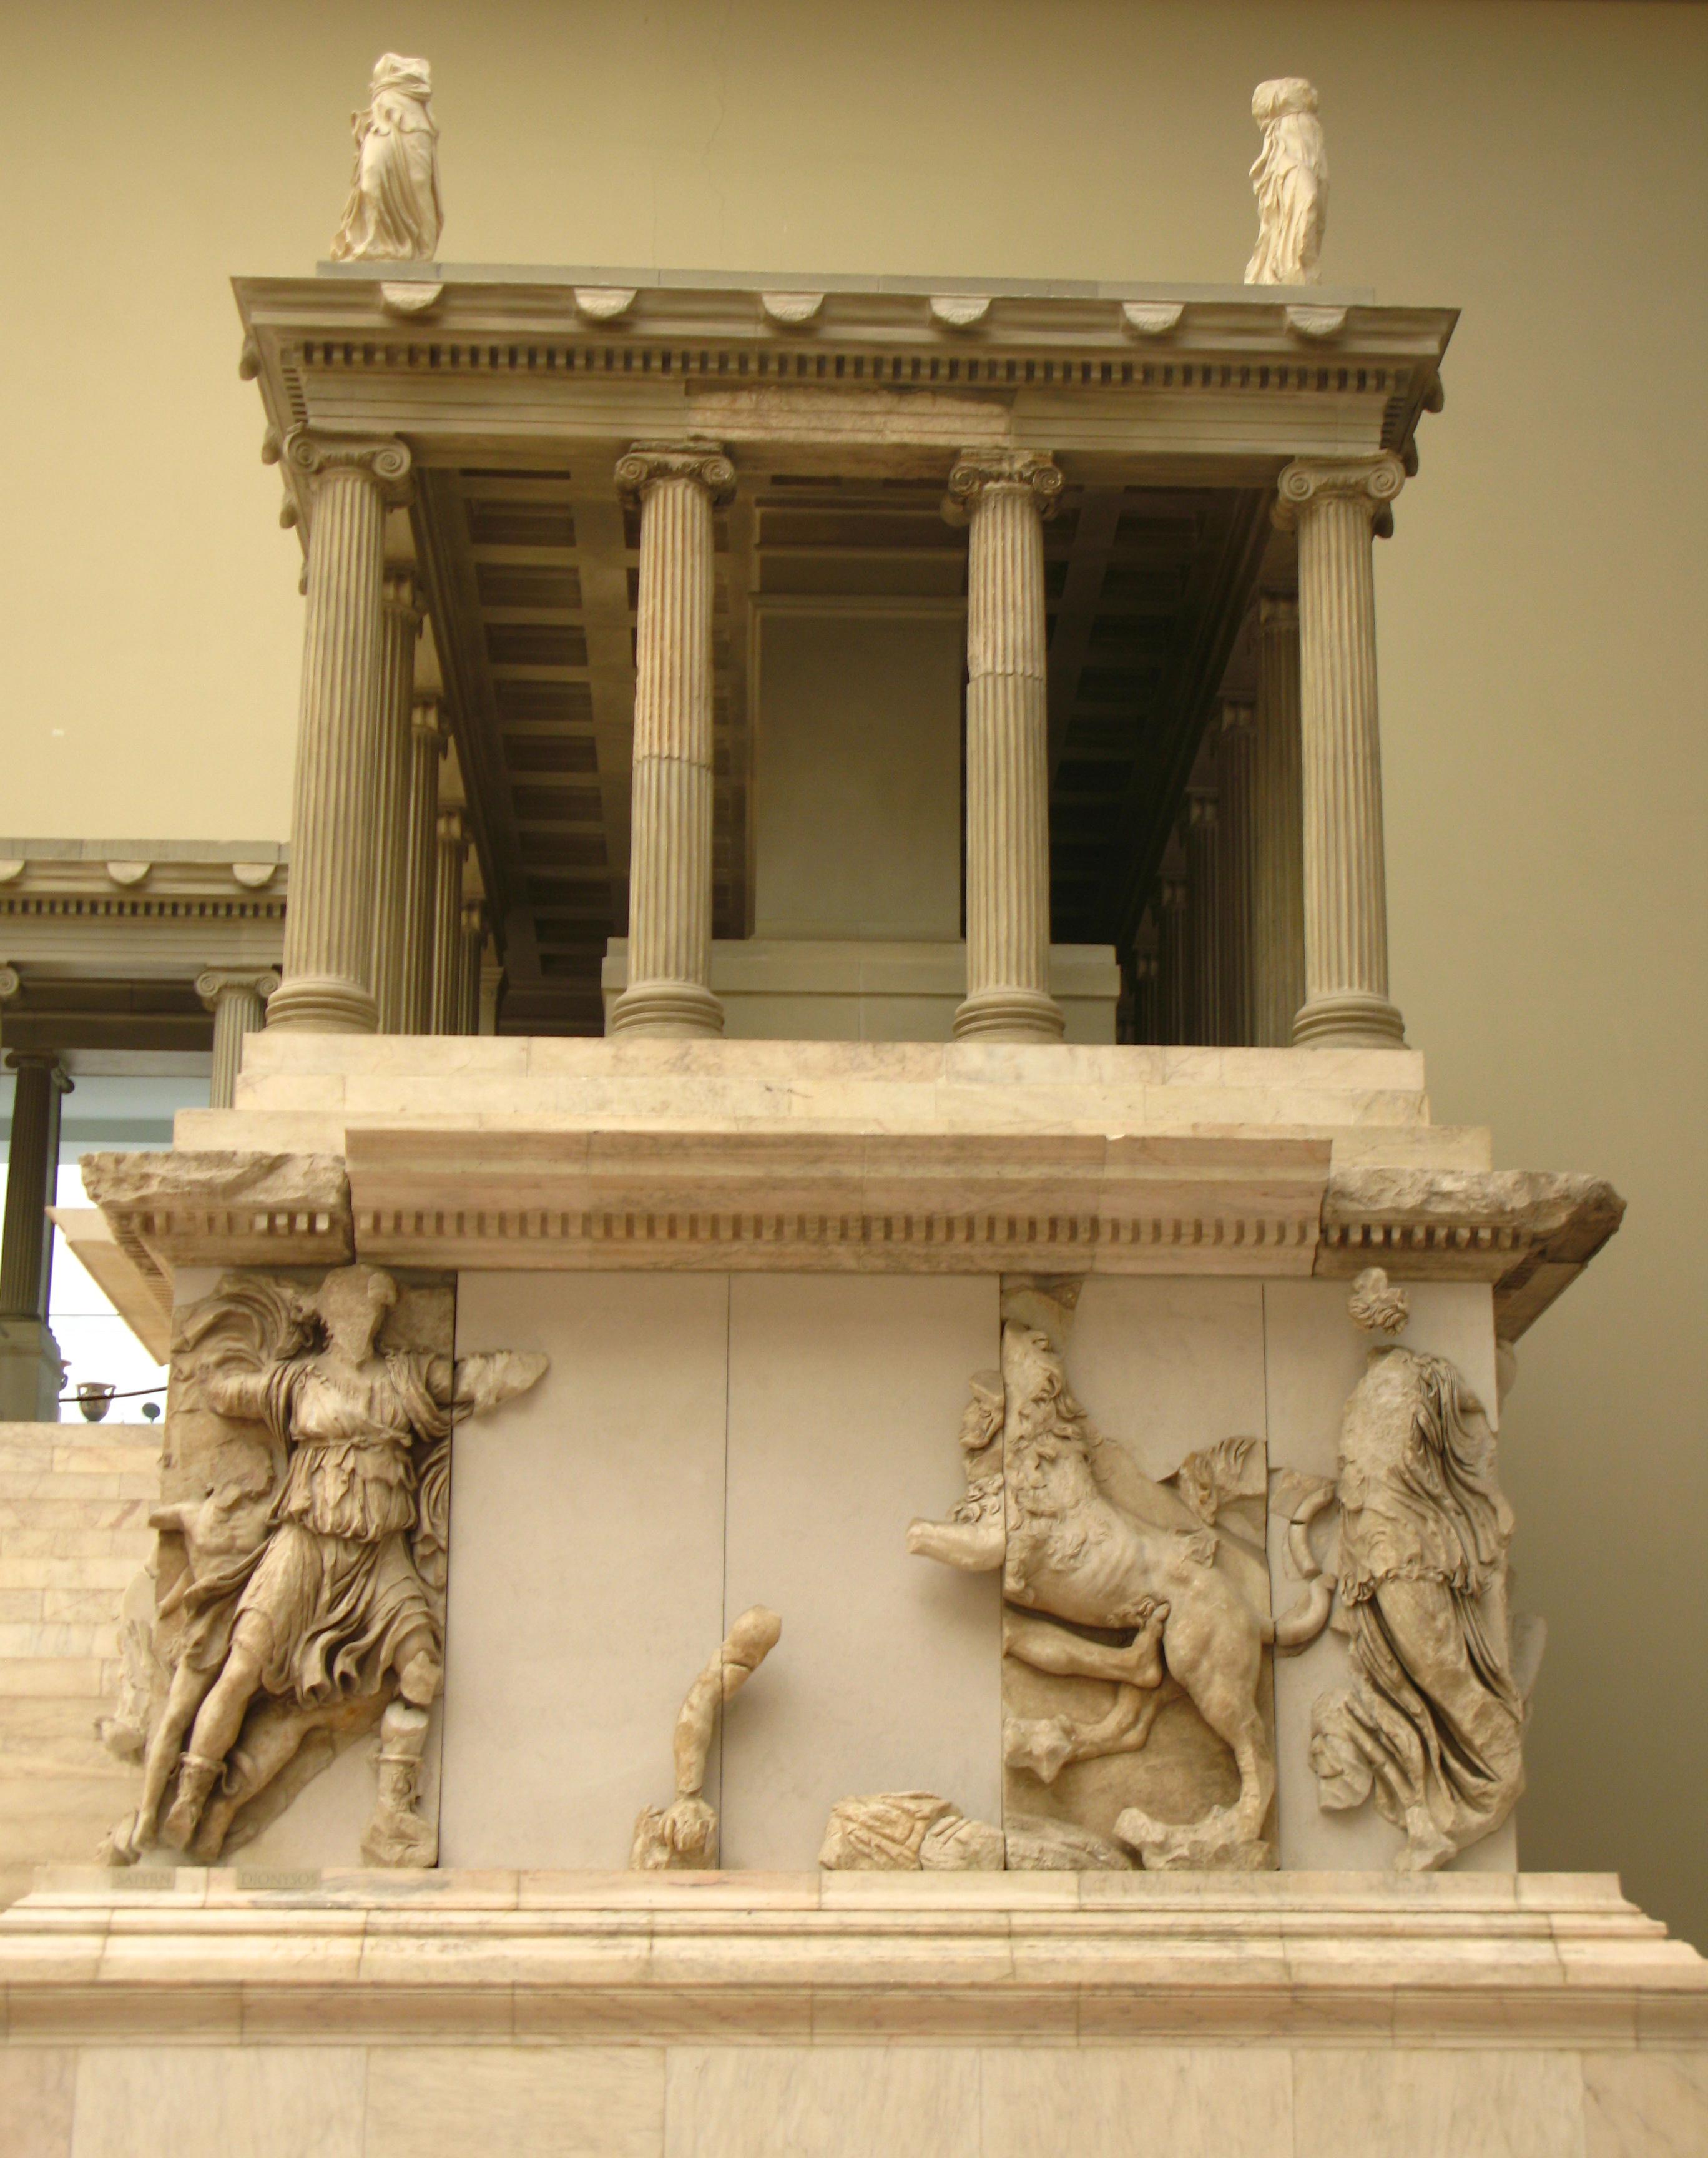 7º. Braço lateral direito do grande Altar de Pérgamo.